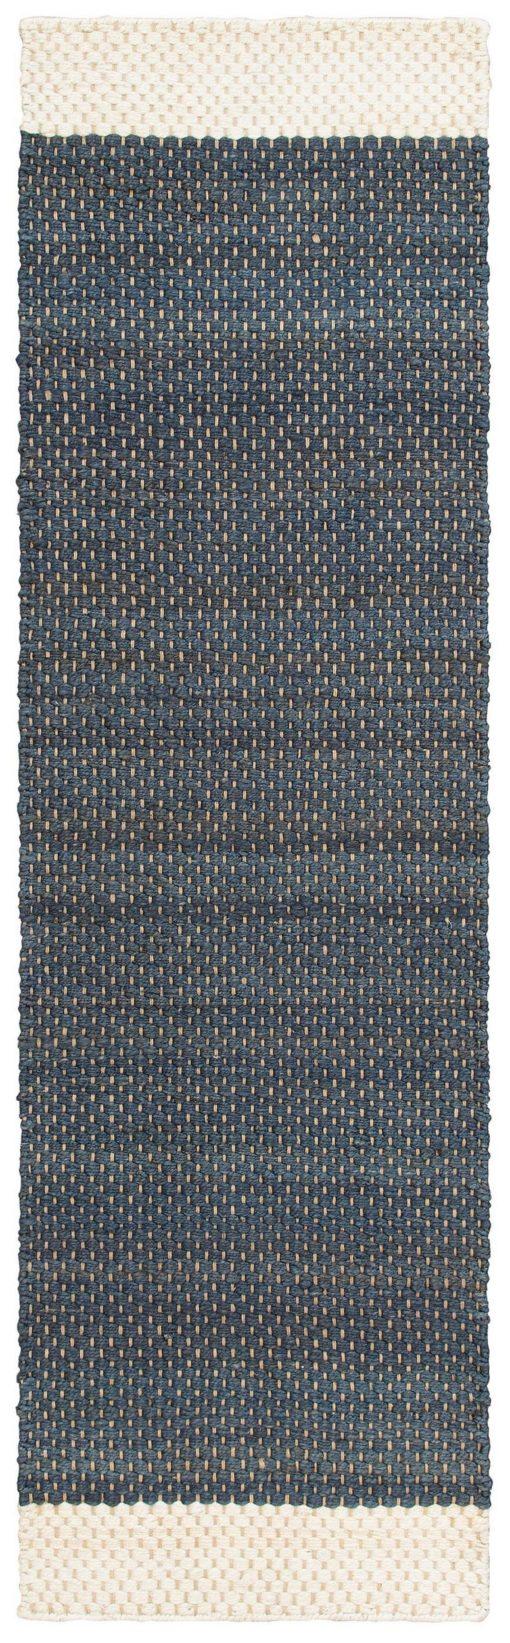 Chodnik z juty 70x190 cm  w odcieniach niebieskiego